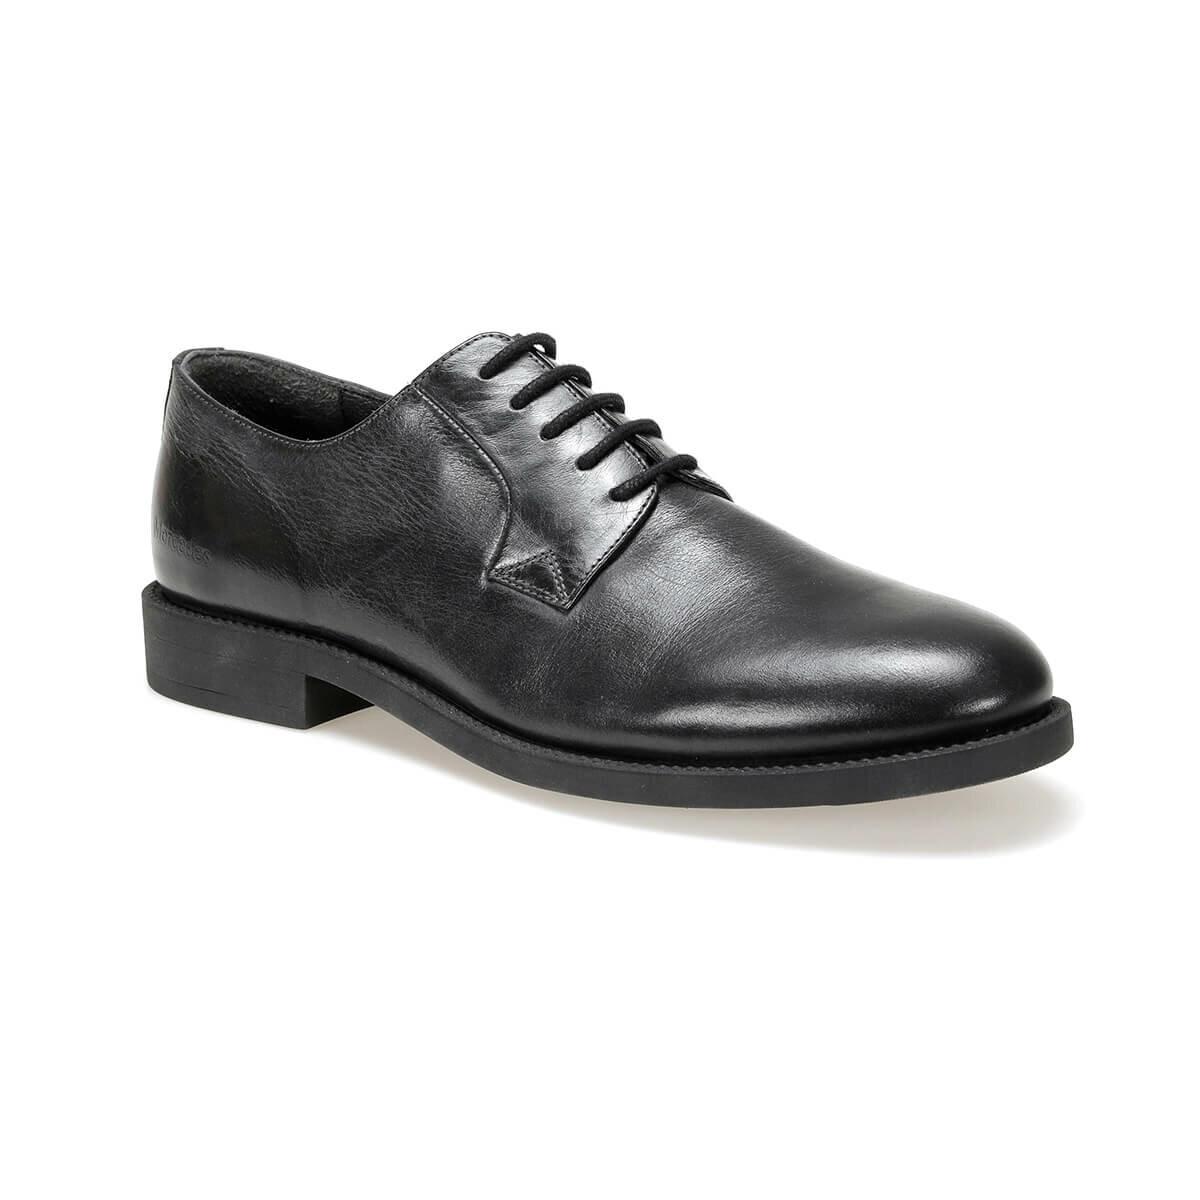 FLO DONCIC 9PR Black Men 'S Classic Shoes MERCEDES